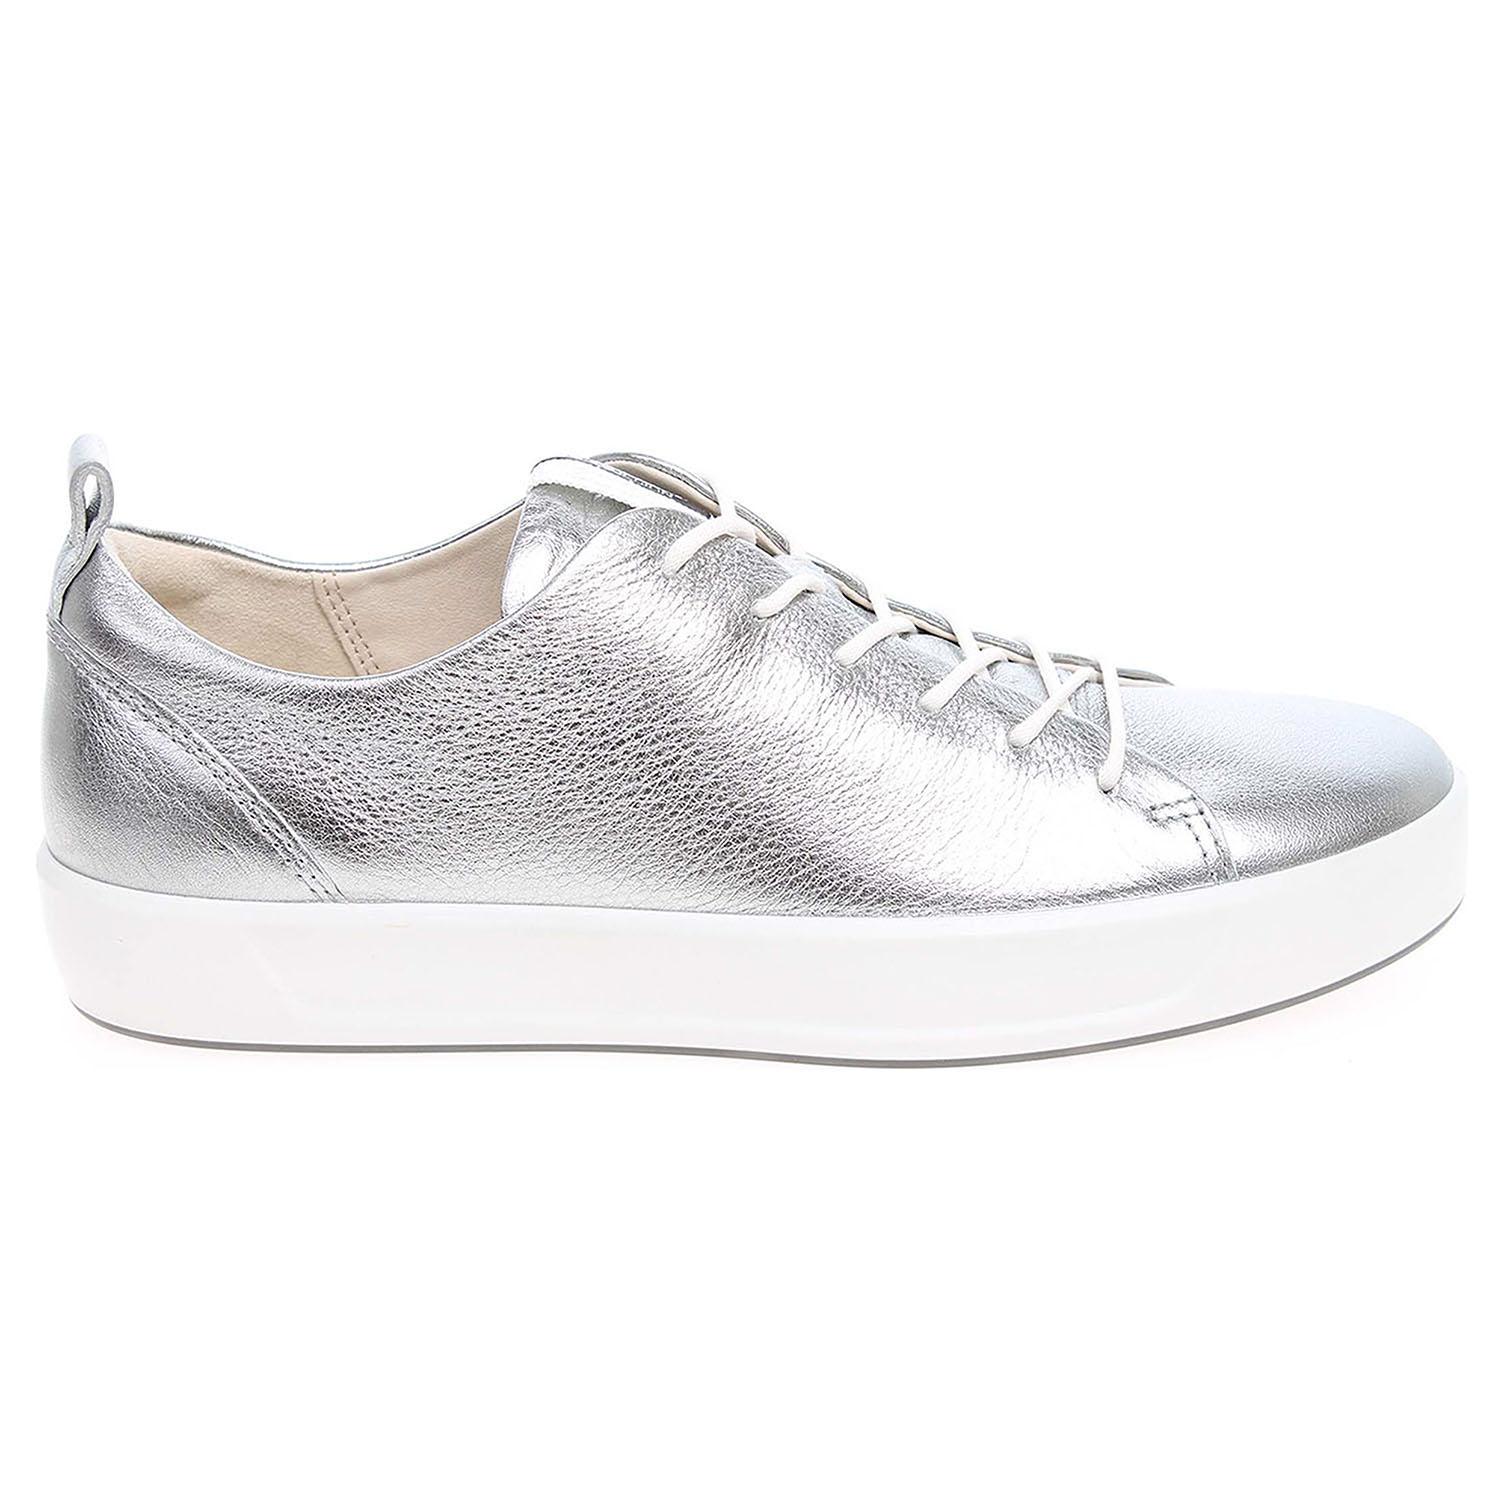 Ecco Ecco Soft 8 Ladies dámská obuv 44050301708 stříbrná 23200645 f17d1e13a7c